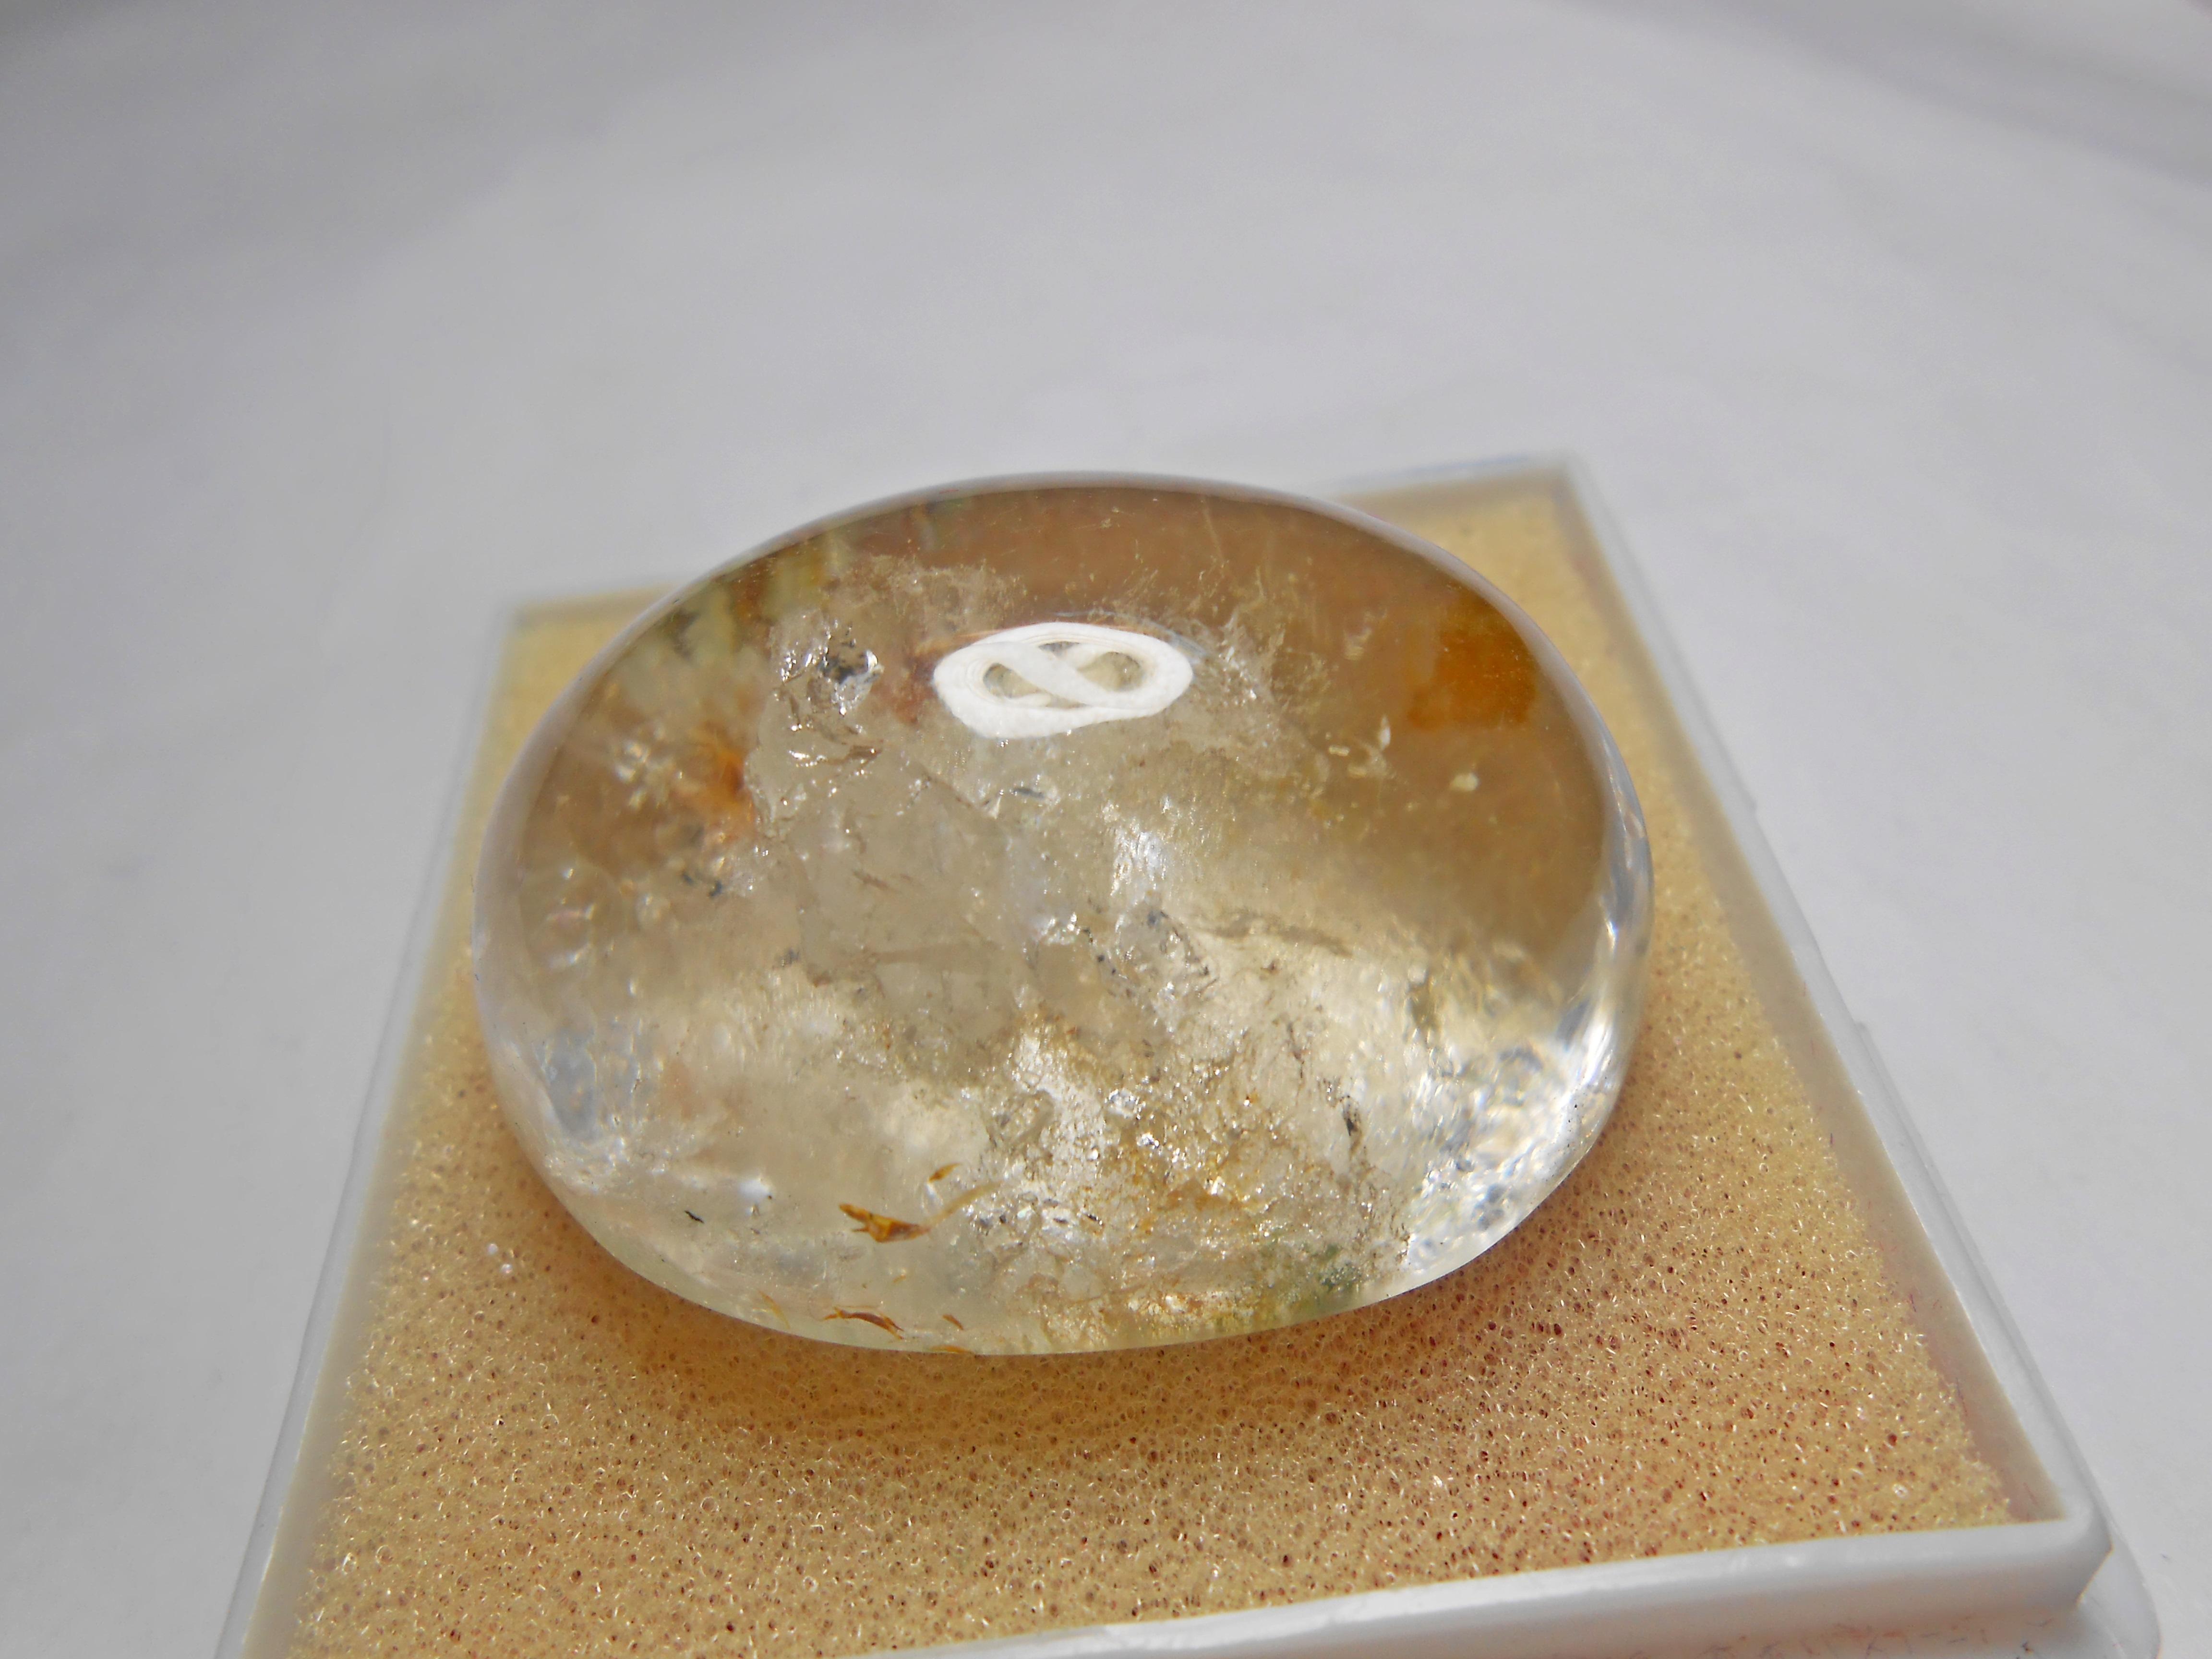 เม็ดโต แก้วสามกษัตริย์ เข้าแก้วลอย+กาบ+เข้าแร่ ขนาด3.8*2.9 cm ทำกำไลข้อมือเม็ดเดียวหรือสะสม